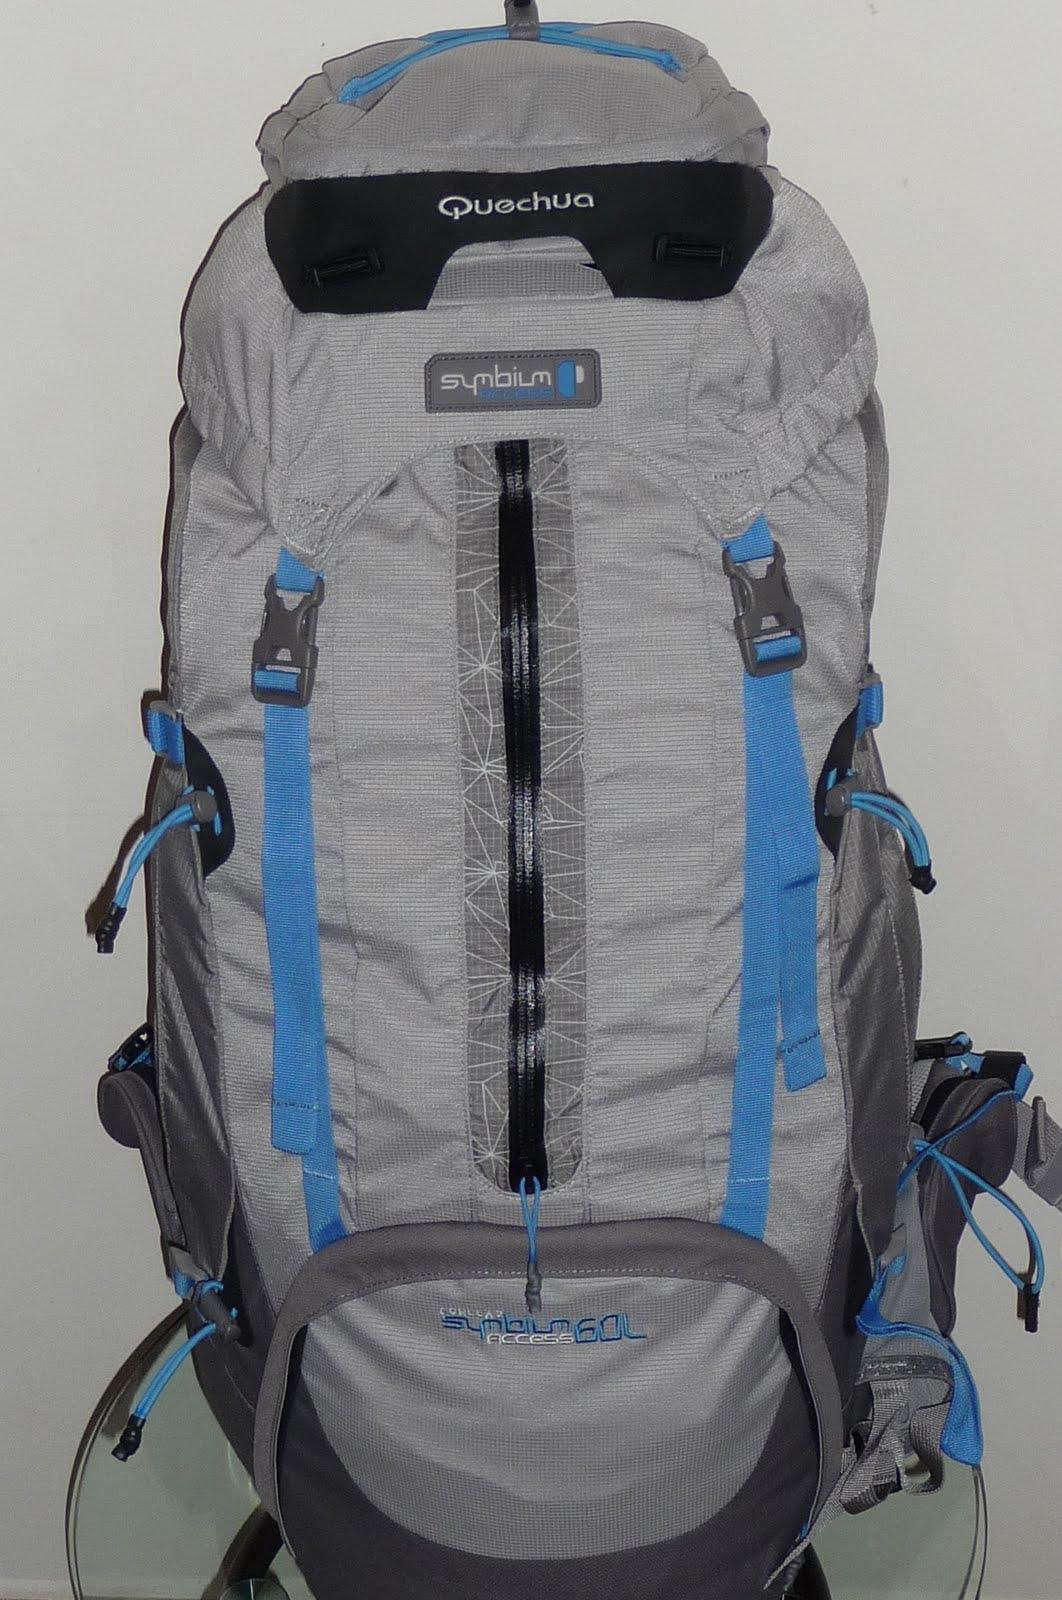 3f7b81bcb Backpacks Heaven  Quechua - Forclaz Symbium Access 60L Rucksack